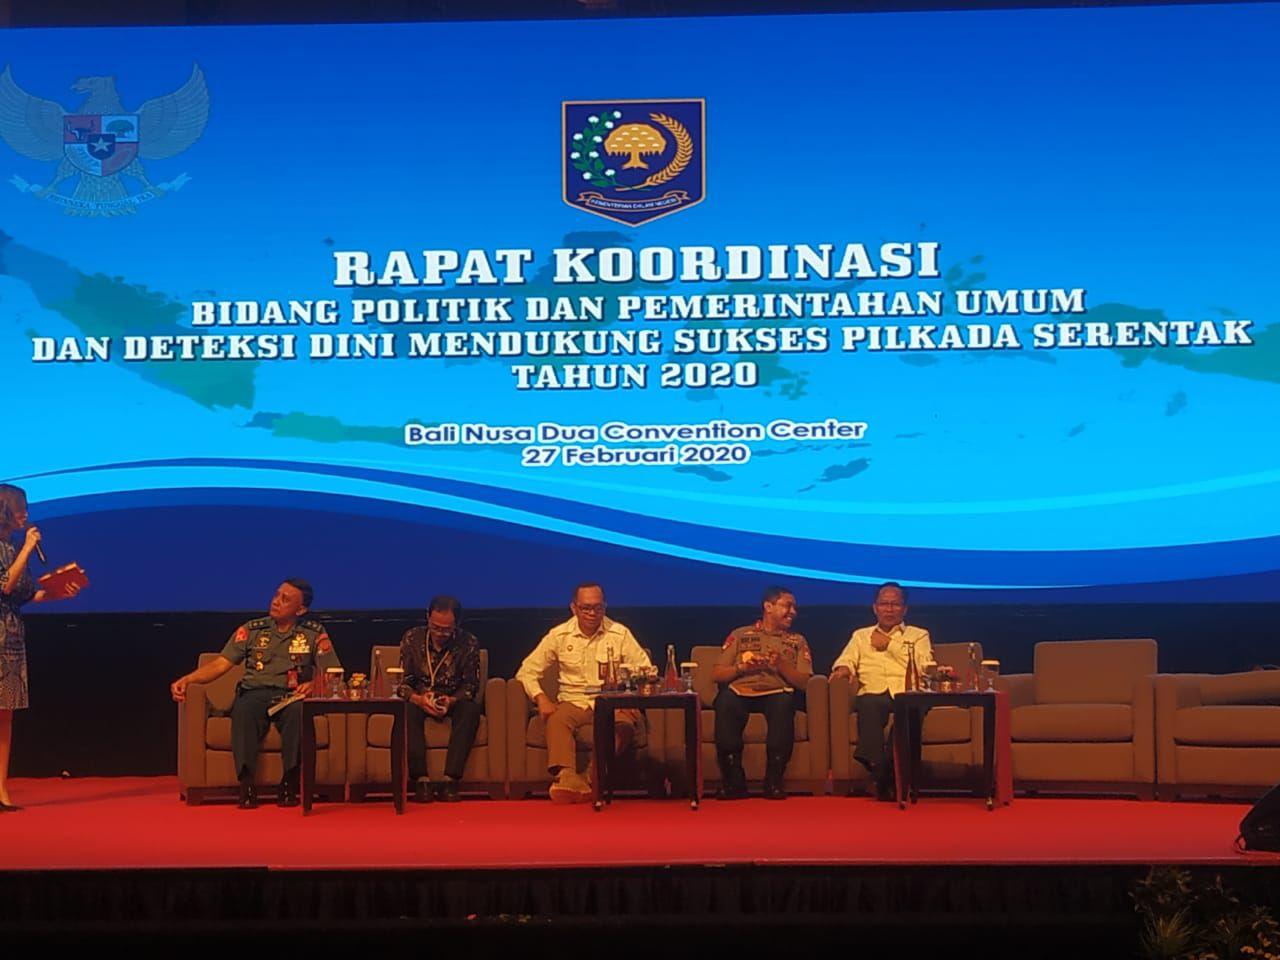 Rapat Koordinasi Bidang Politik dan Pemerintahan Umum dan Deteksi Dini Mendukung Sukses Pilkada Serentak Tahun 2020